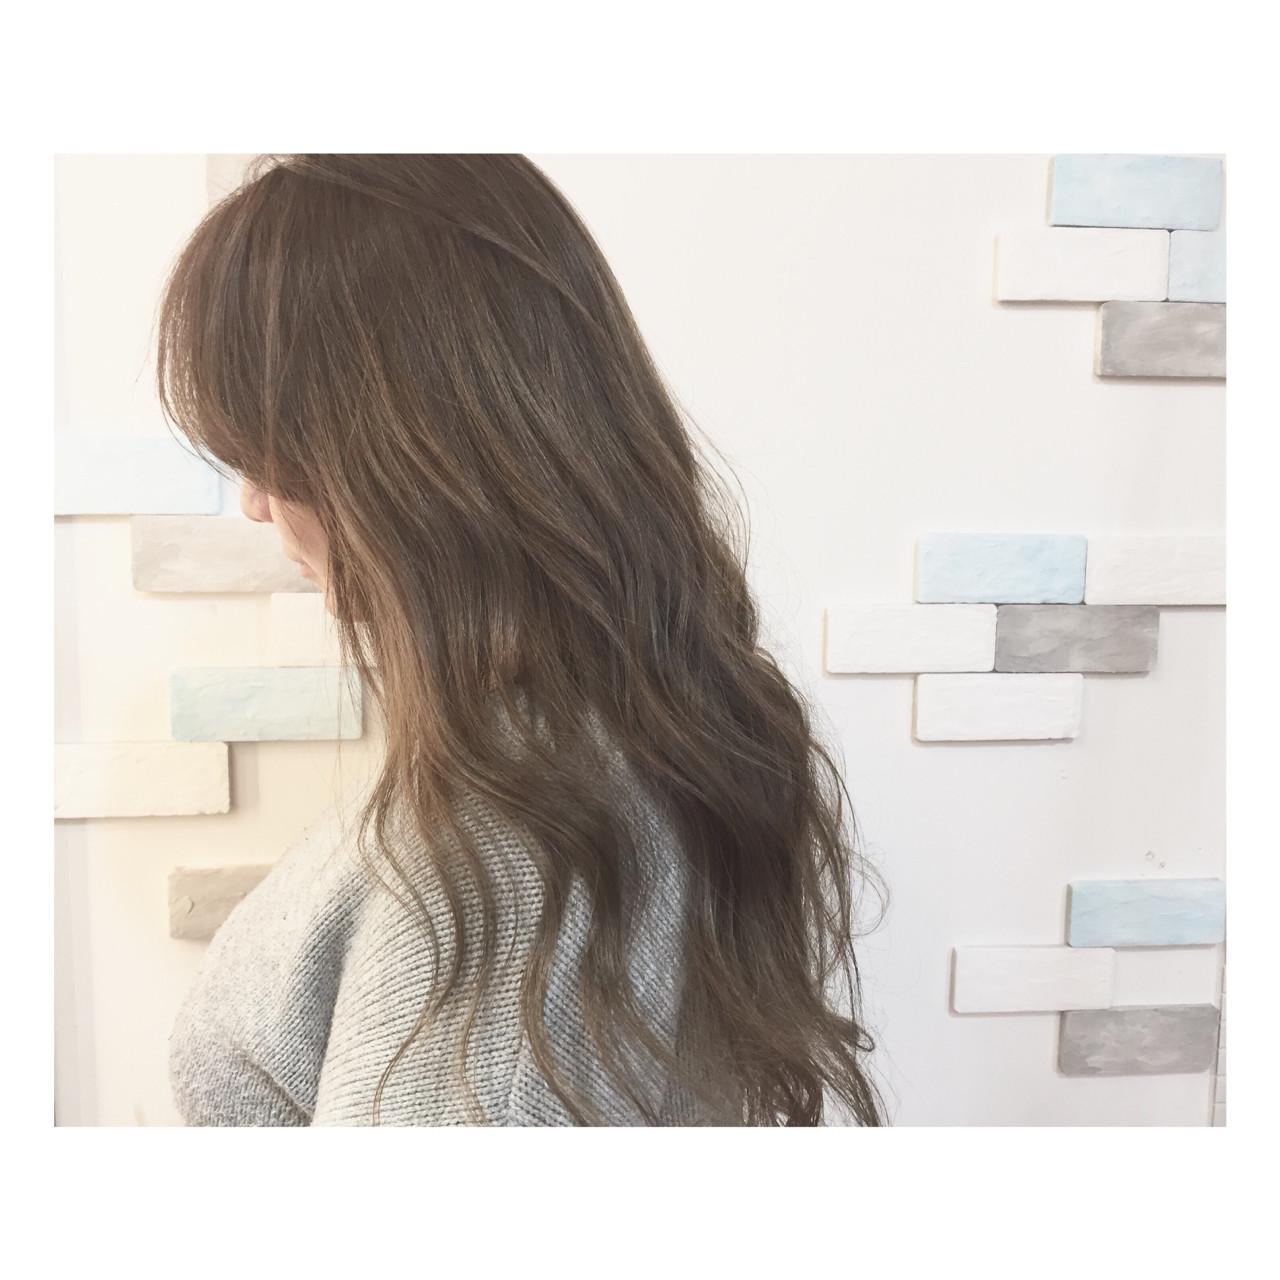 ロング 大人女子 春 ハイライト ヘアスタイルや髪型の写真・画像 | Tadashi Mukouyama / Hair Make Blume COSTA